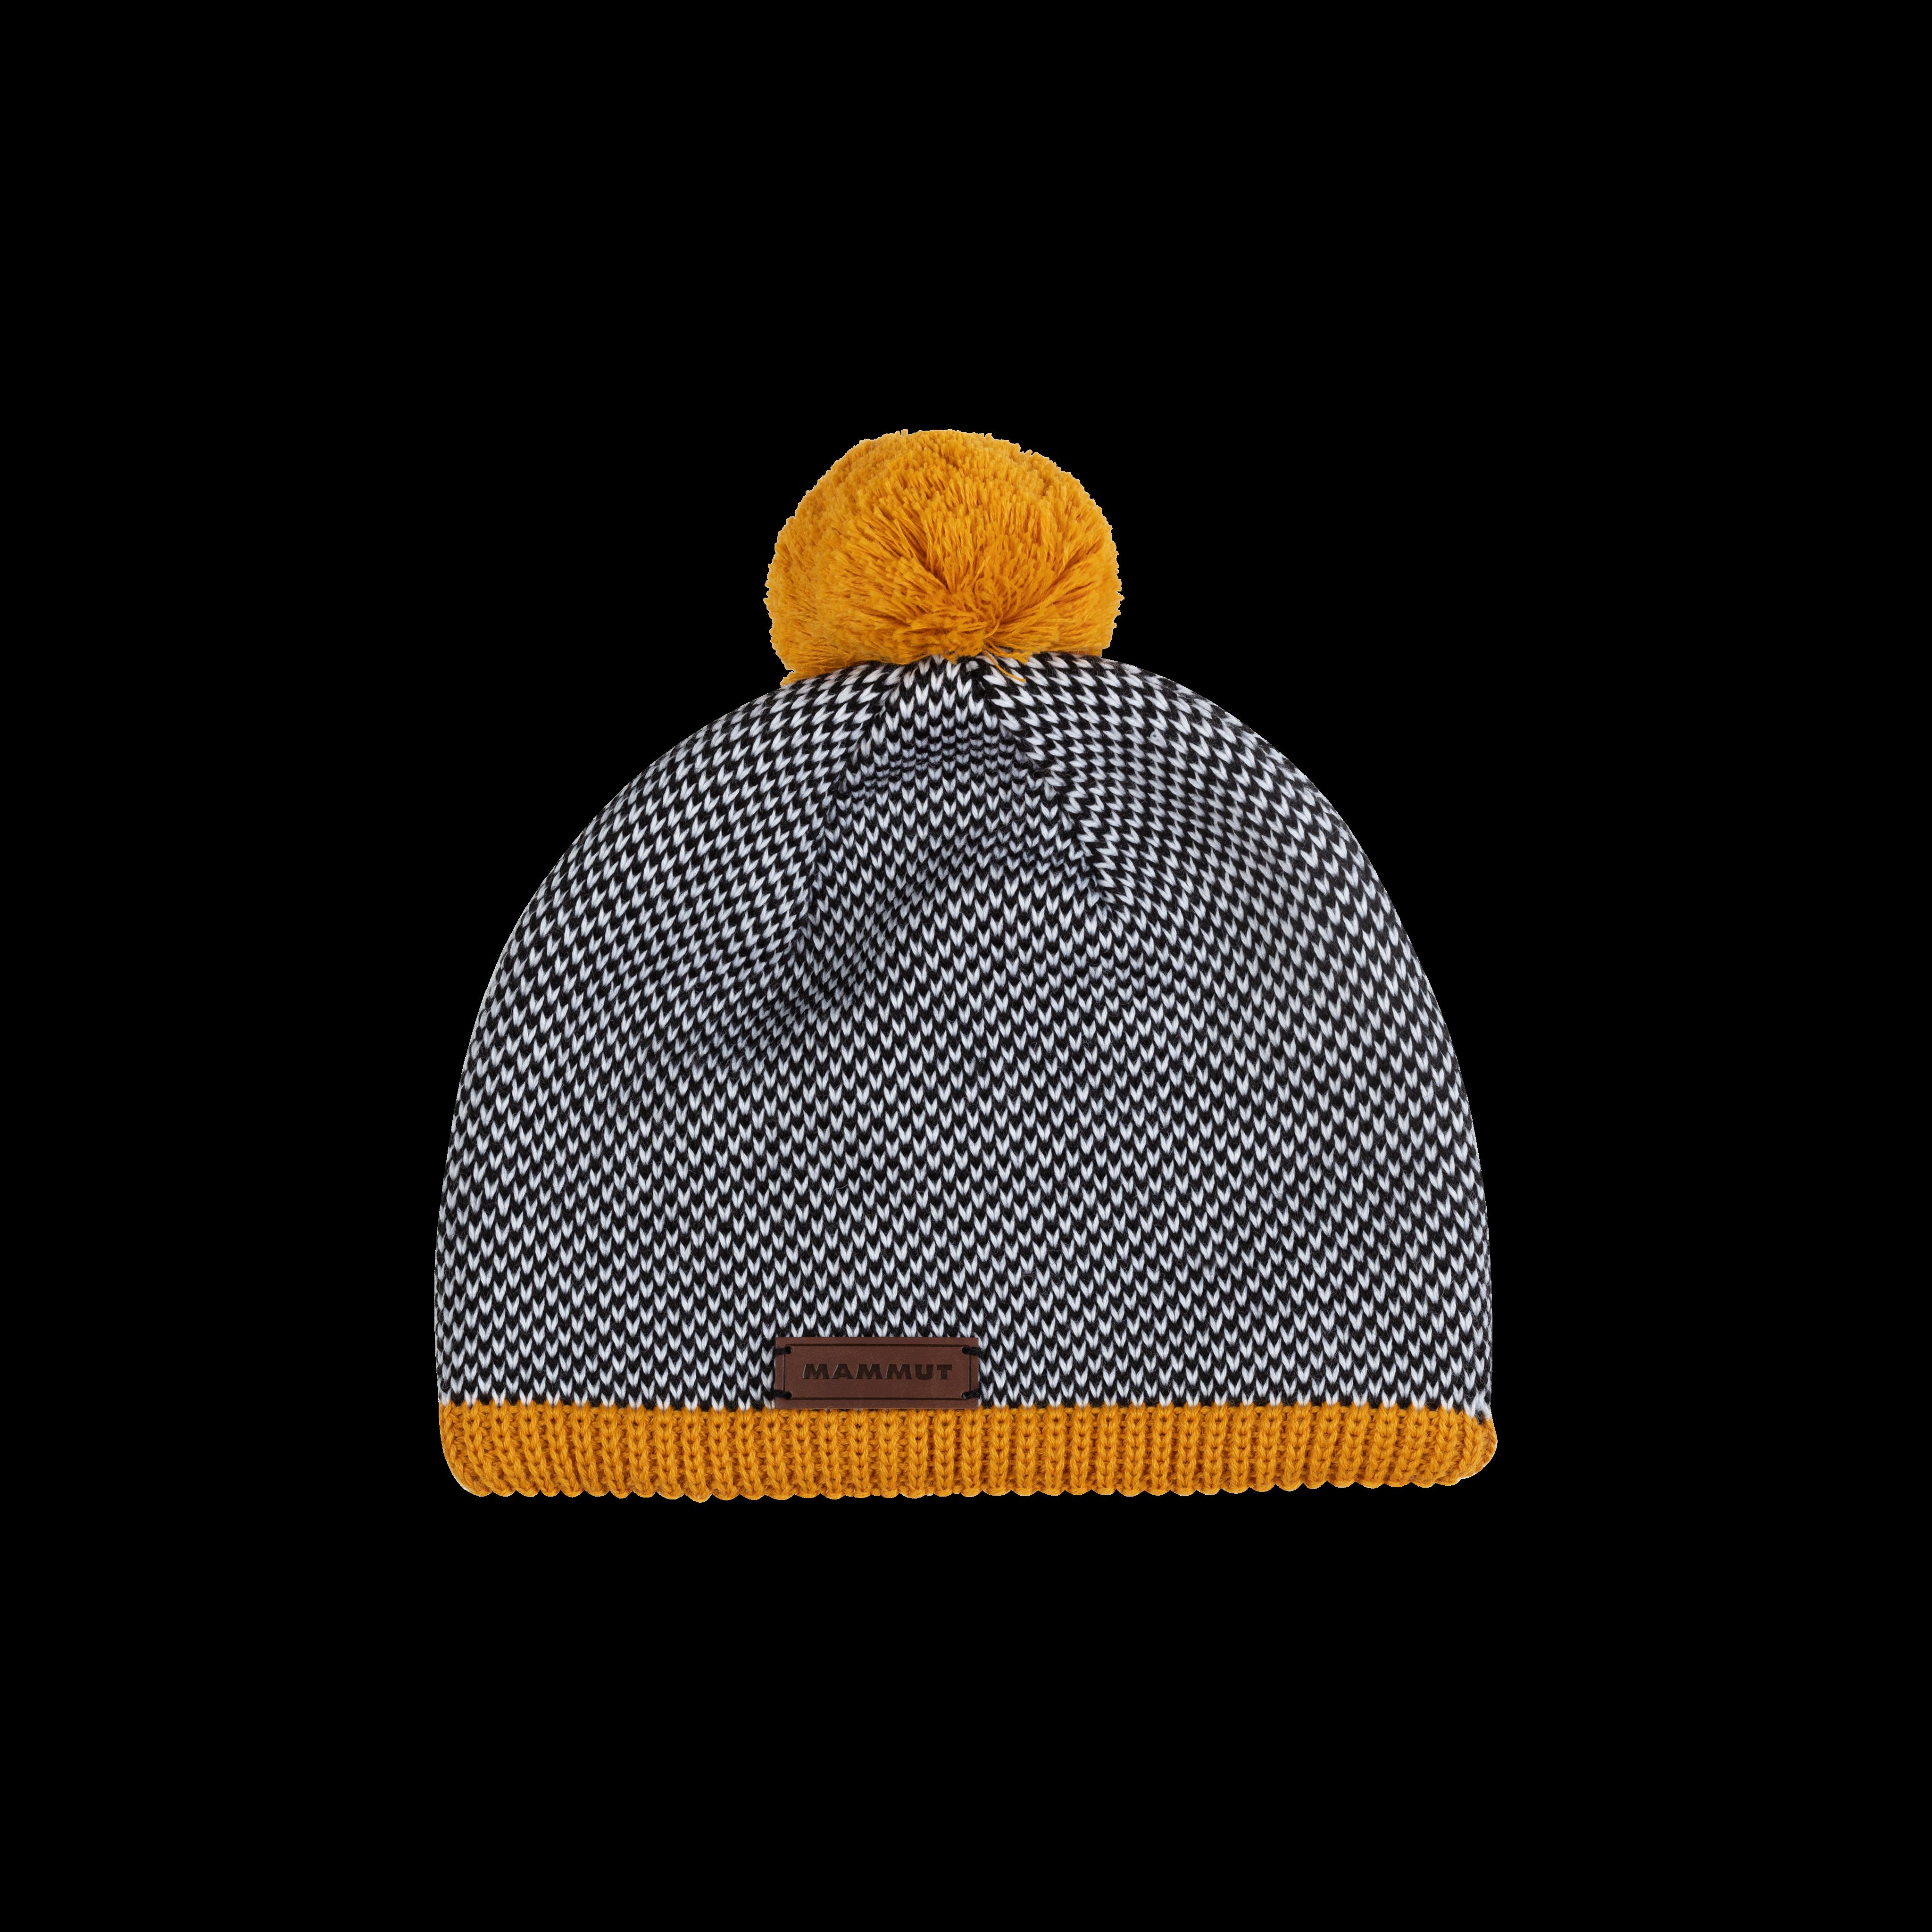 Snow Beanie - golden-black, one size thumbnail